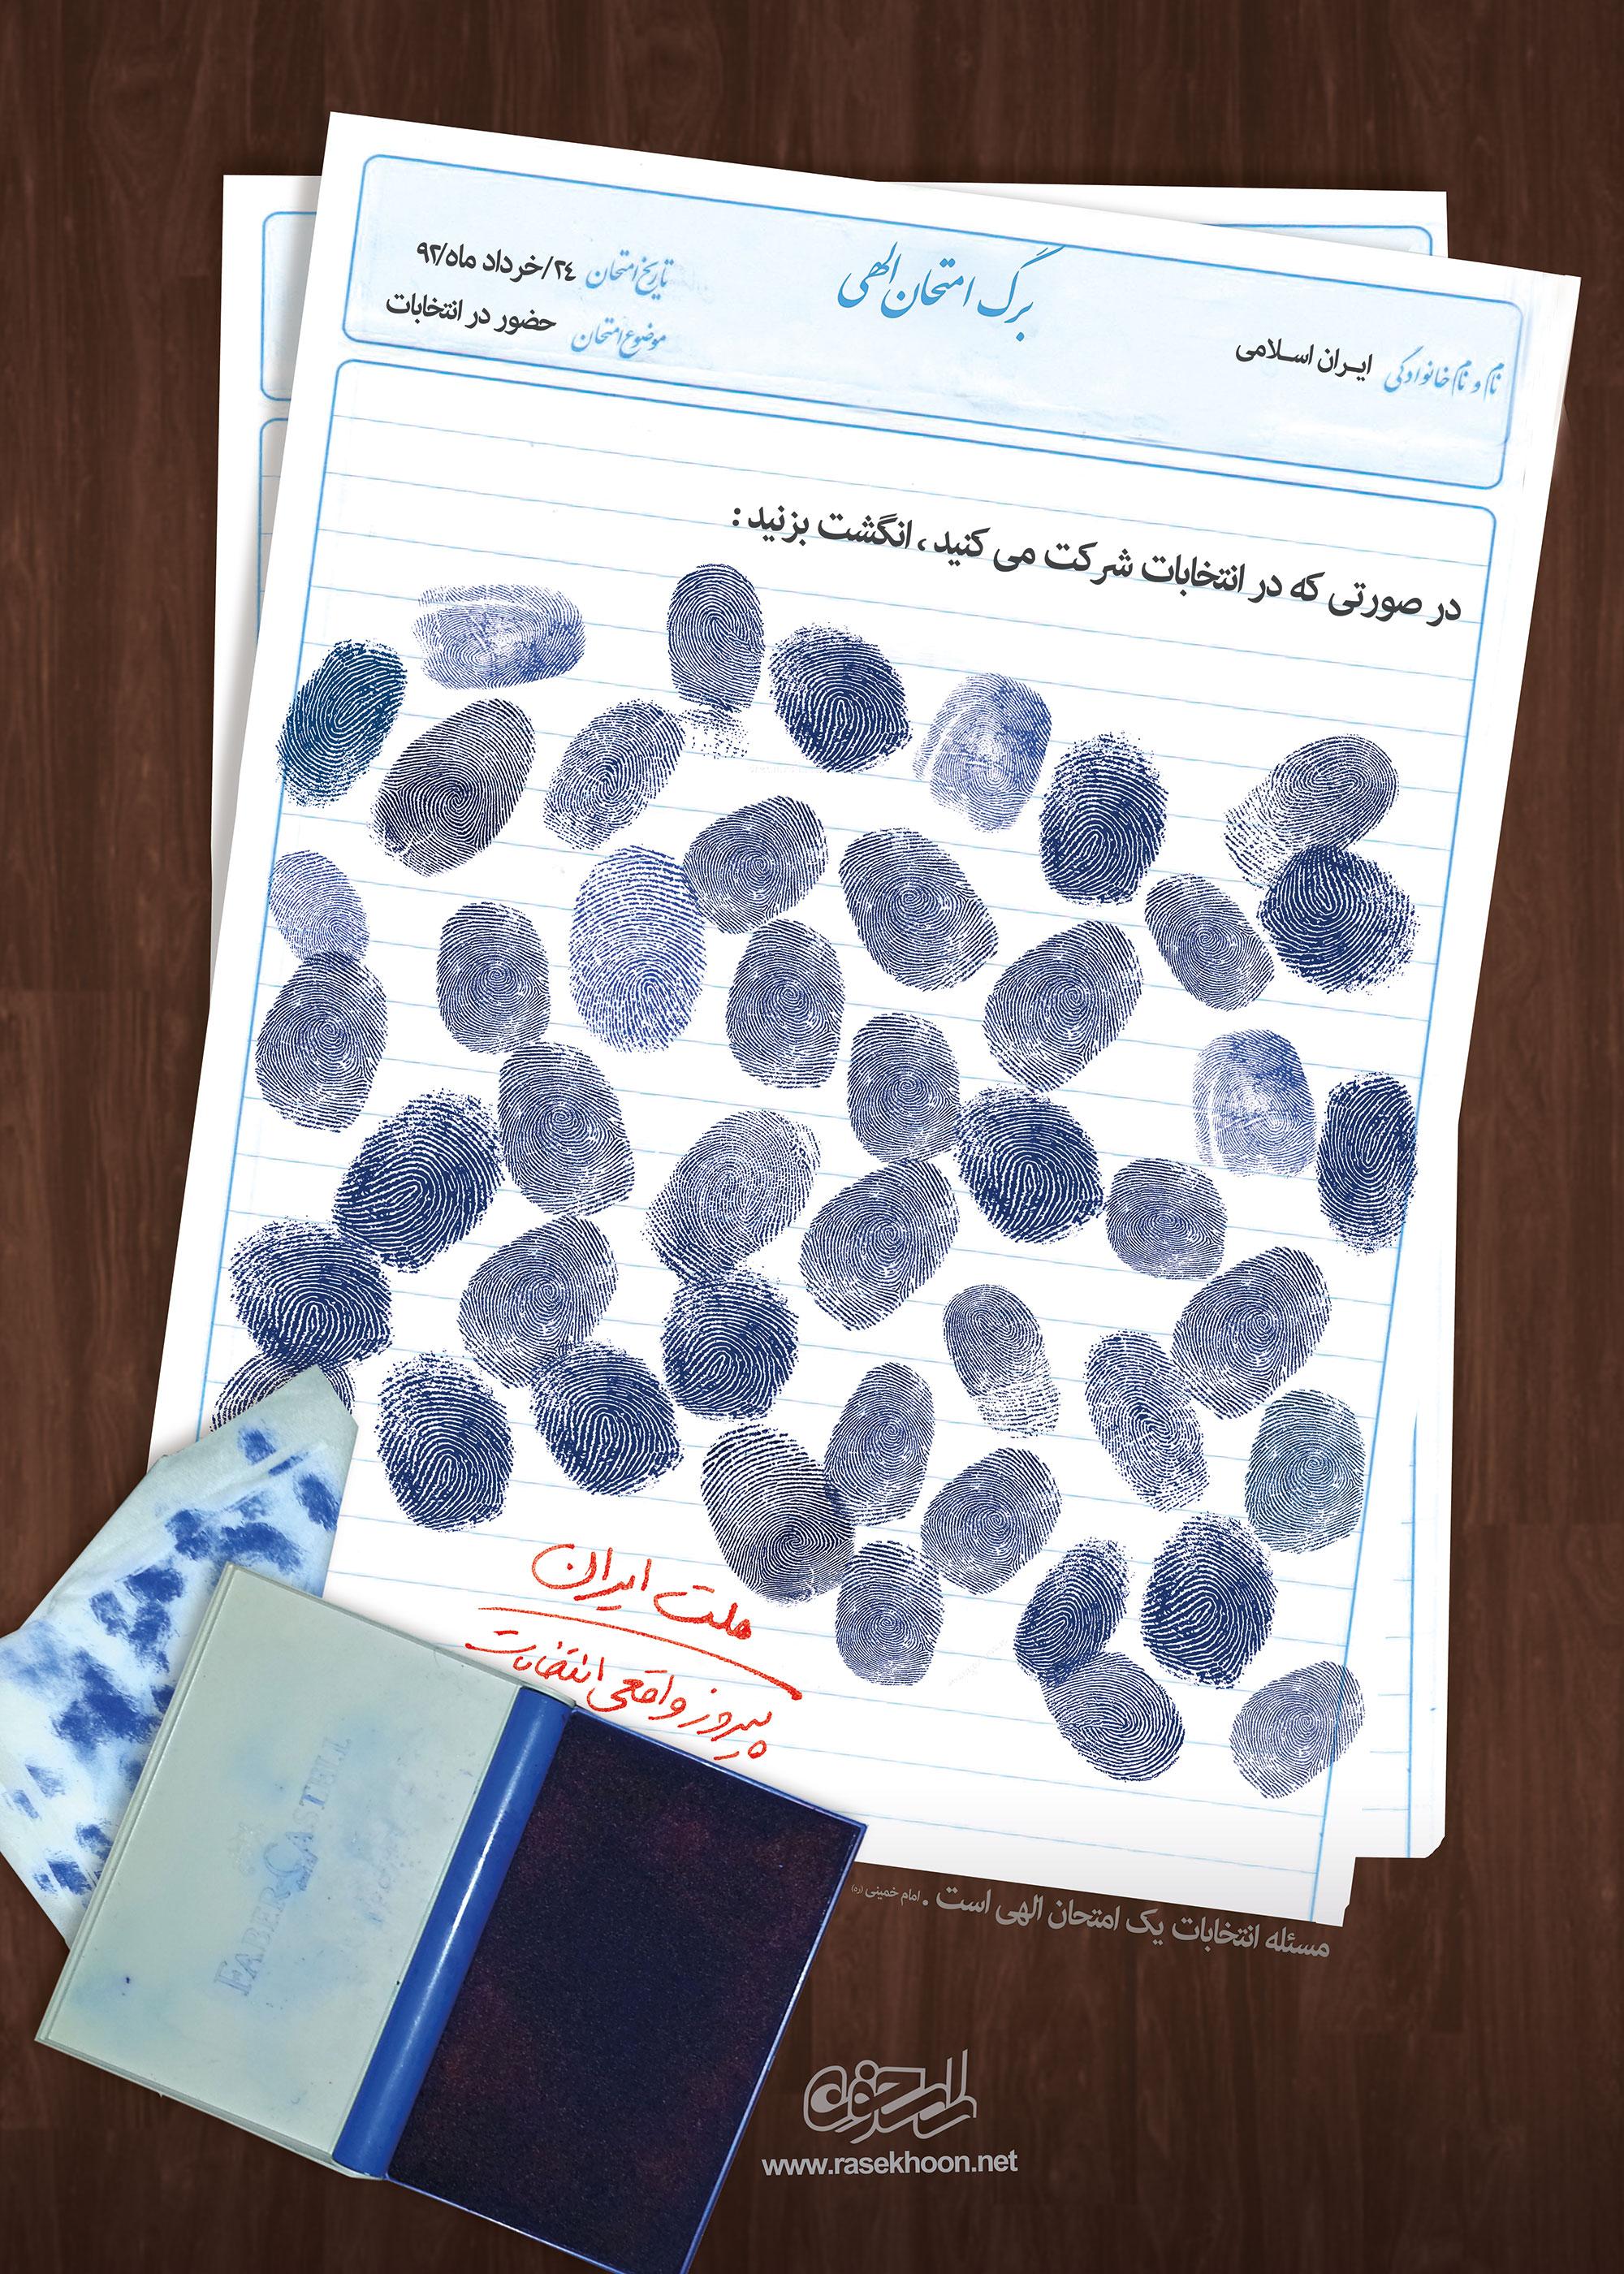 جزئیات بررسی صلاحیت ها در روستاهای مهردشت